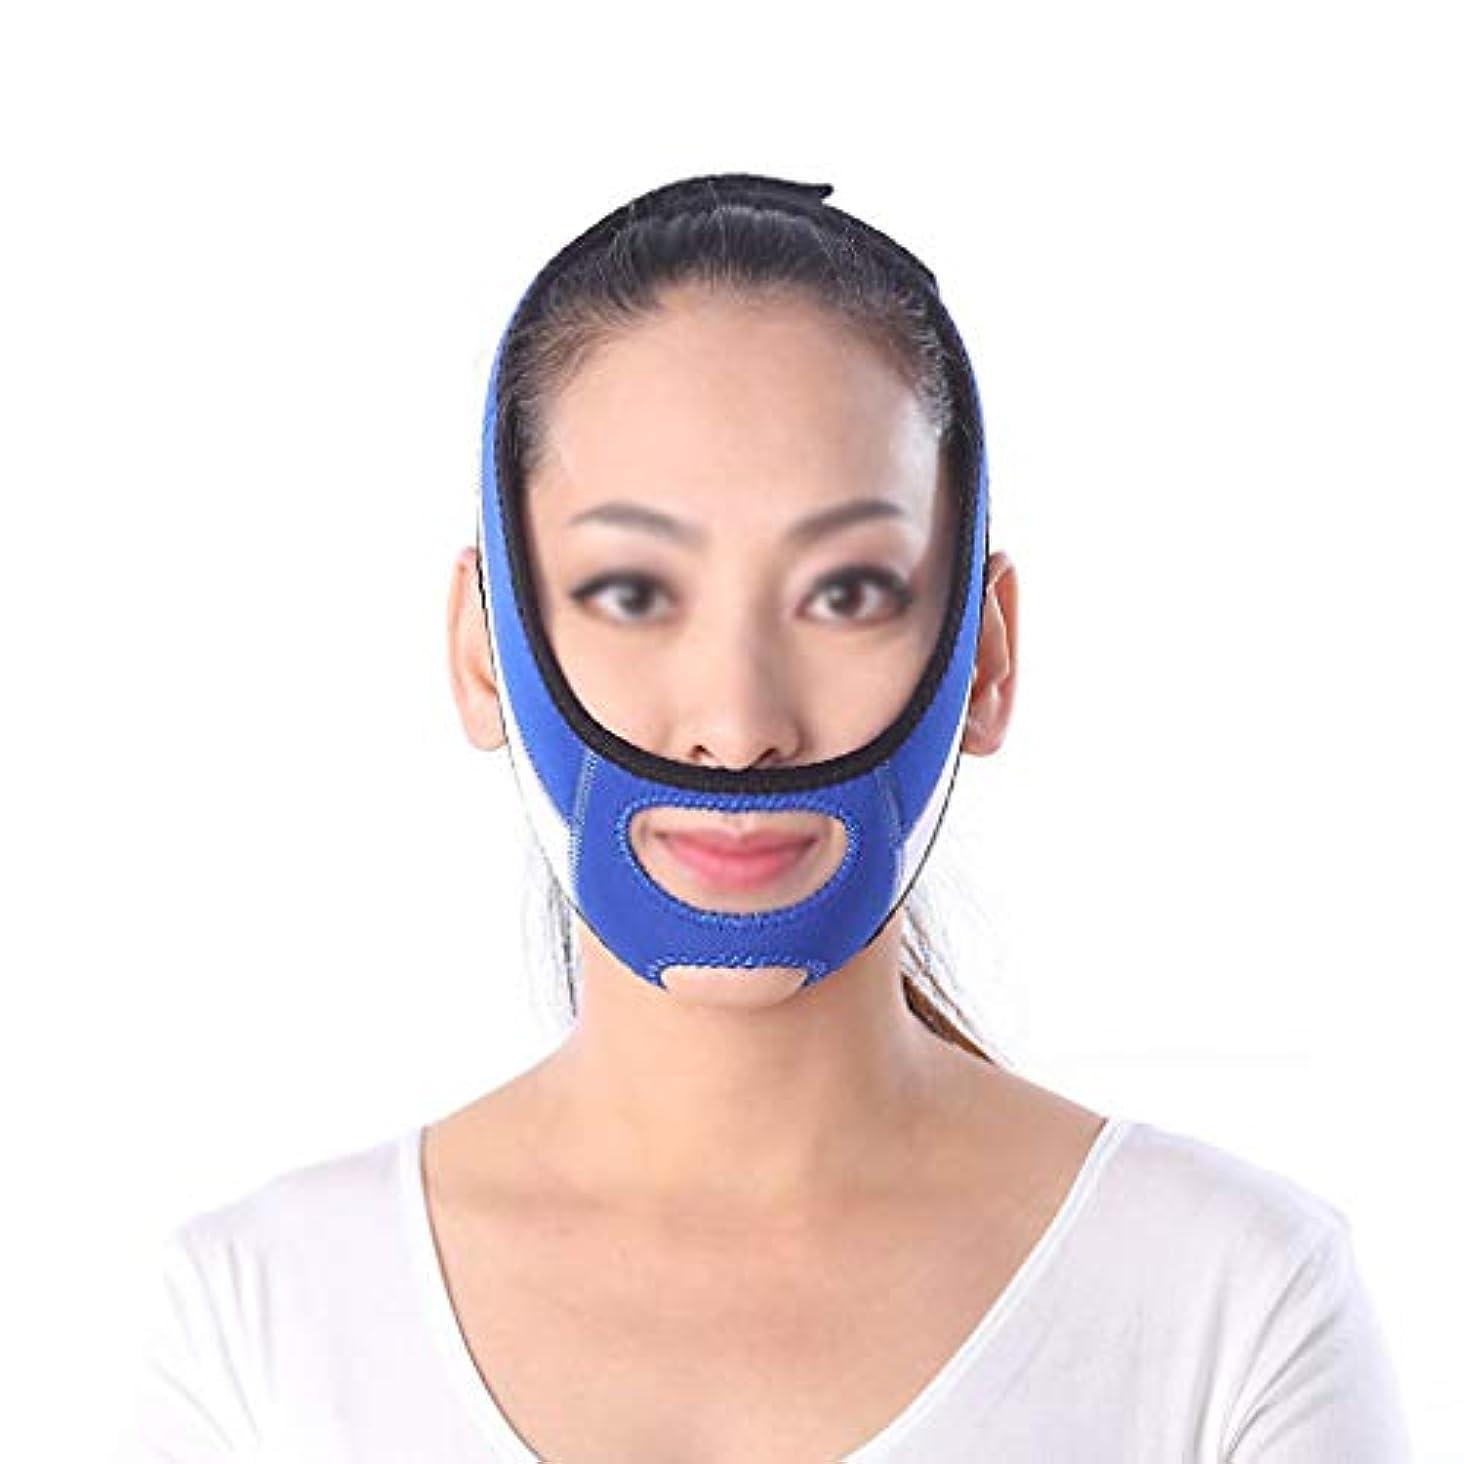 遠え説得力のある私たちXHLMRMJ フェイスリフティング包帯、フェイスリフティングマスク、フェイスリフティング器具、二重あごケア減量、フェイシャルリフティングストラップ(フリーサイズ、ブルー)